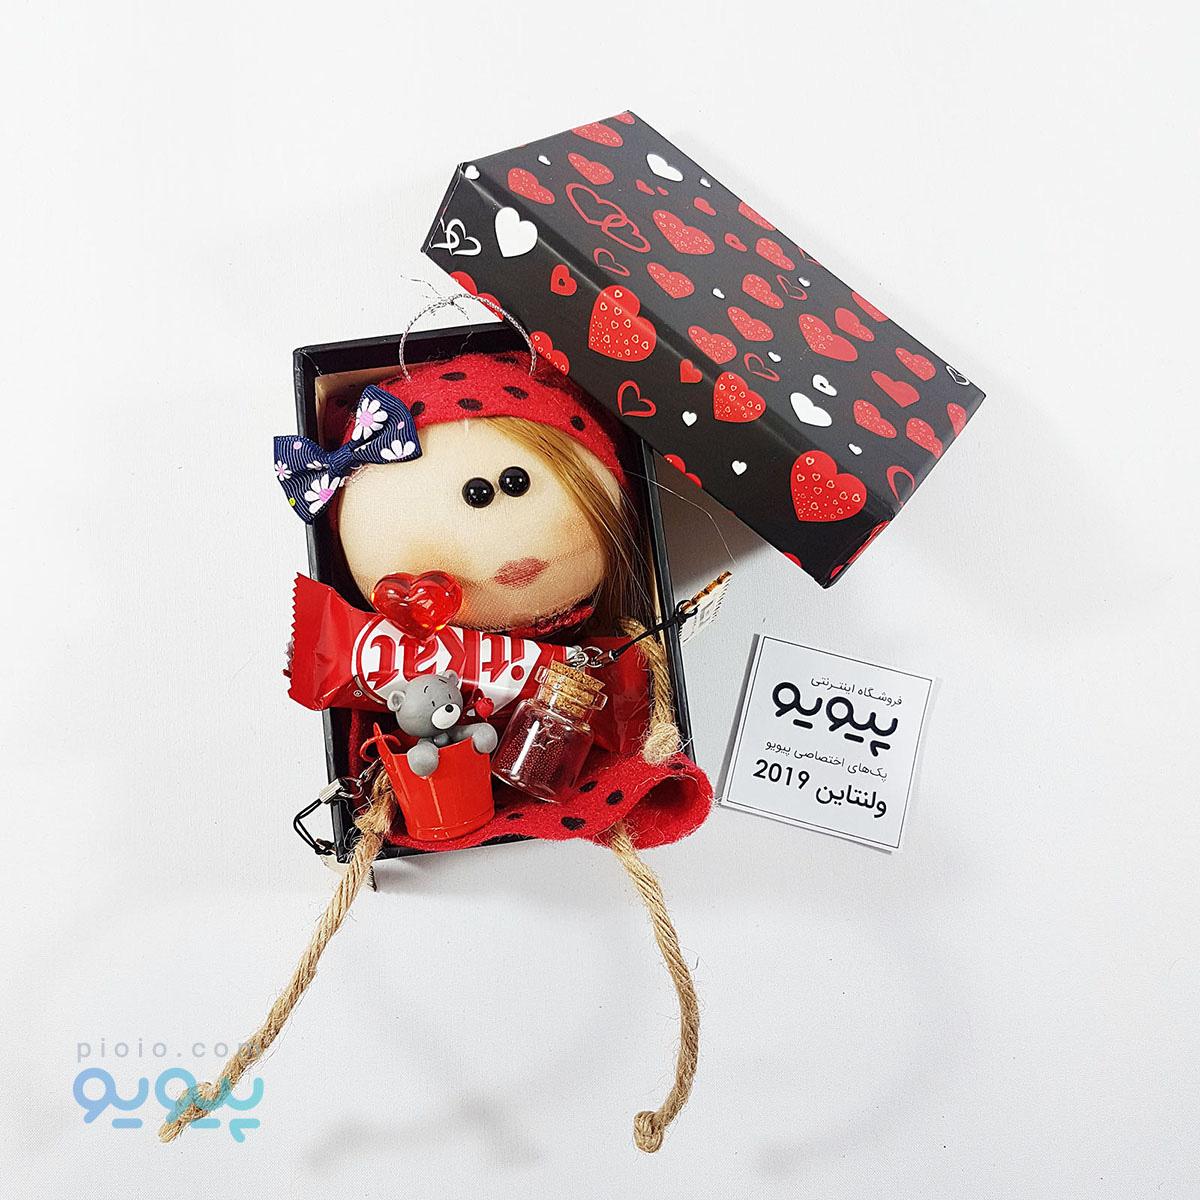 پکیج هدیه ولنتاین با عروسک نمدی دختر لباس قرمز ارتفاع ۱۵ سانتی متر |